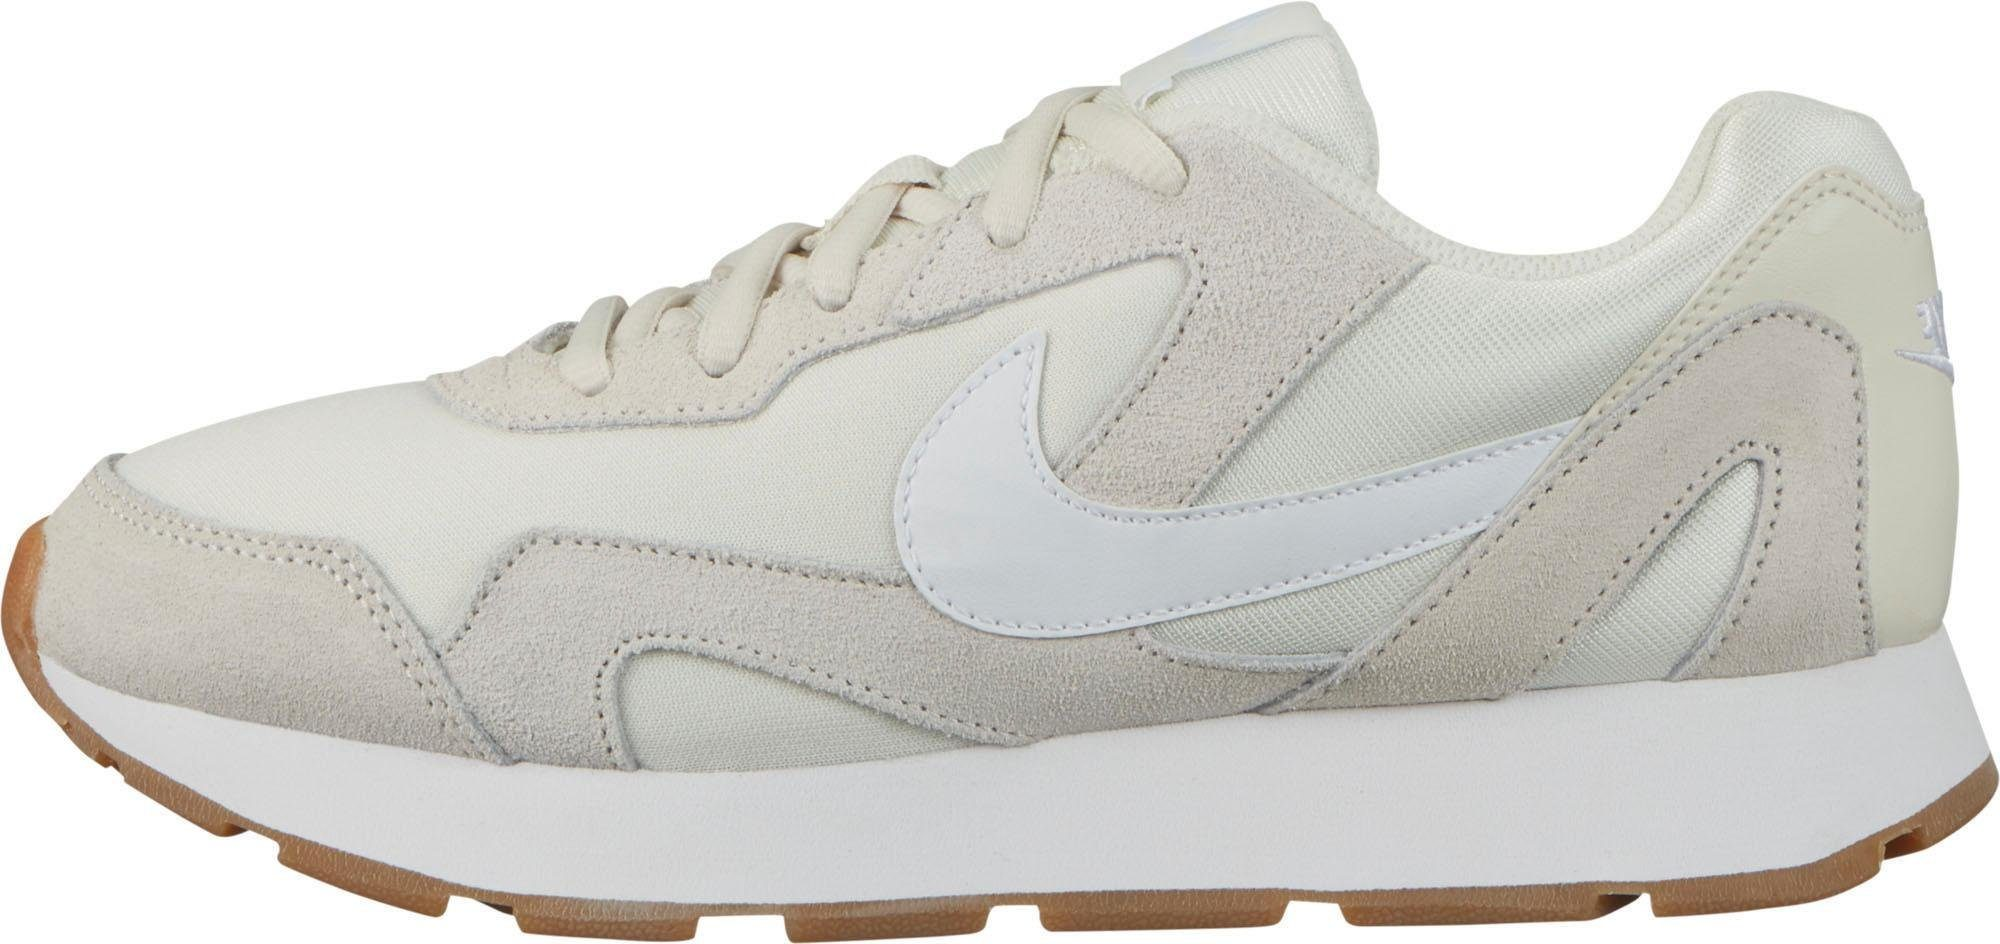 Nike Sportswear »Wmns Delfine« Sneaker kaufen | OTTO